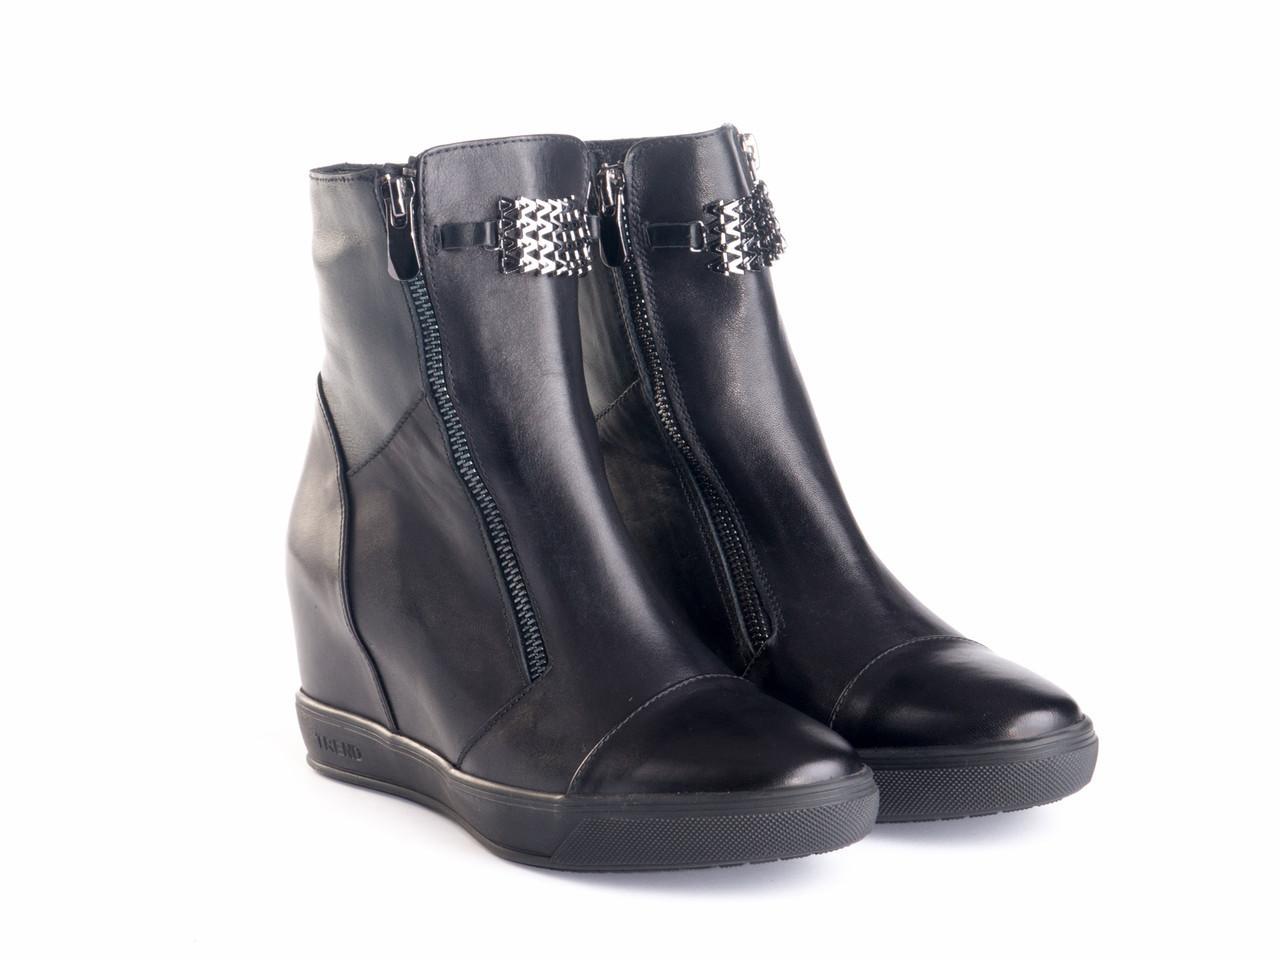 Ботинки Etor 6442-01058-1 38 черные